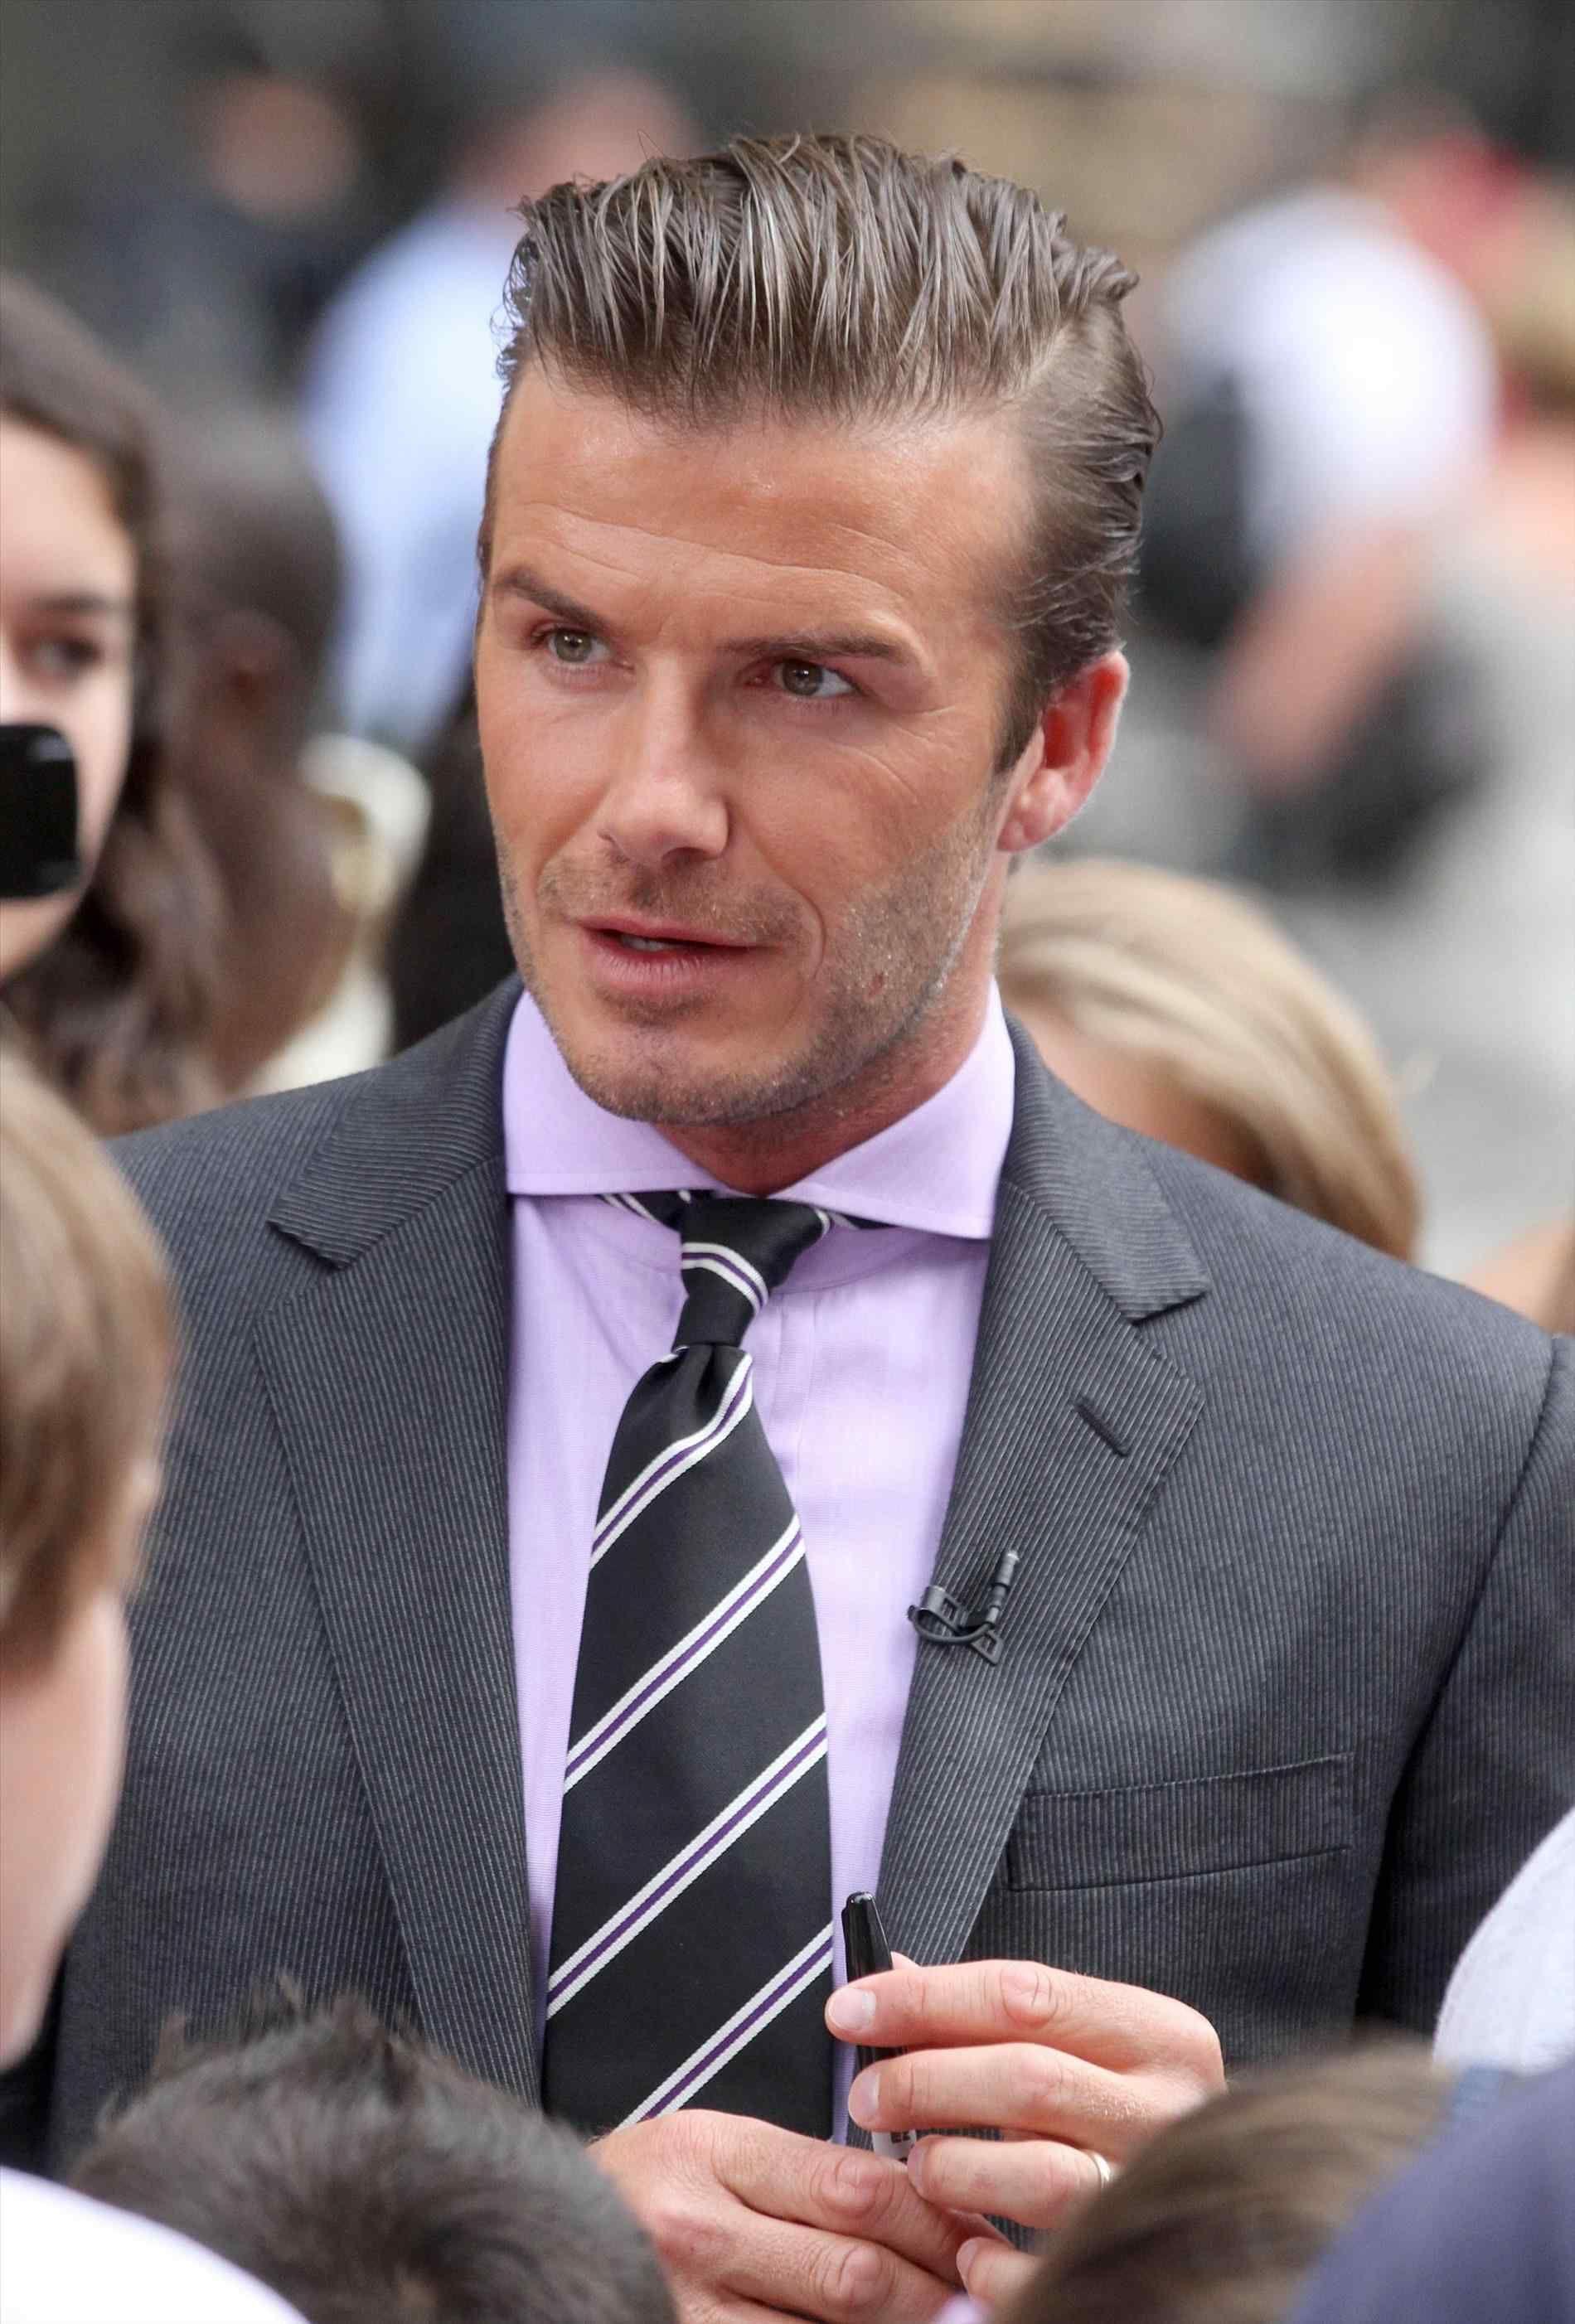 David Beckham Frisuren Beckham David Beckham Suit Beckham